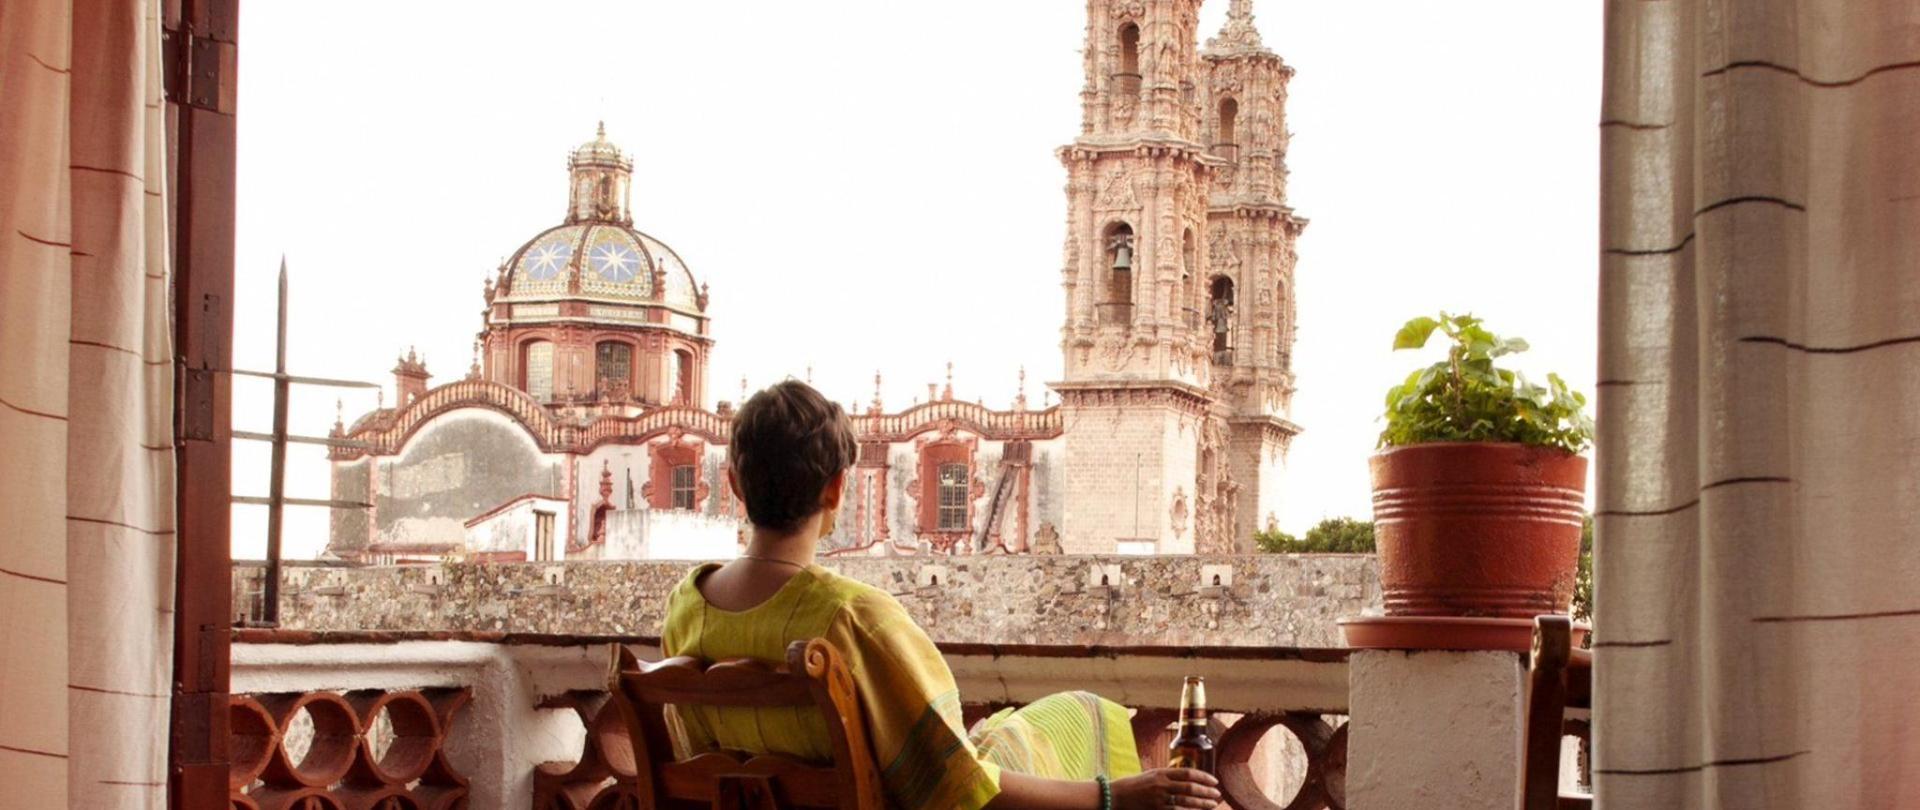 Hotel Mi Casita, El Estudio - Room with a view ©Kelly Fajack